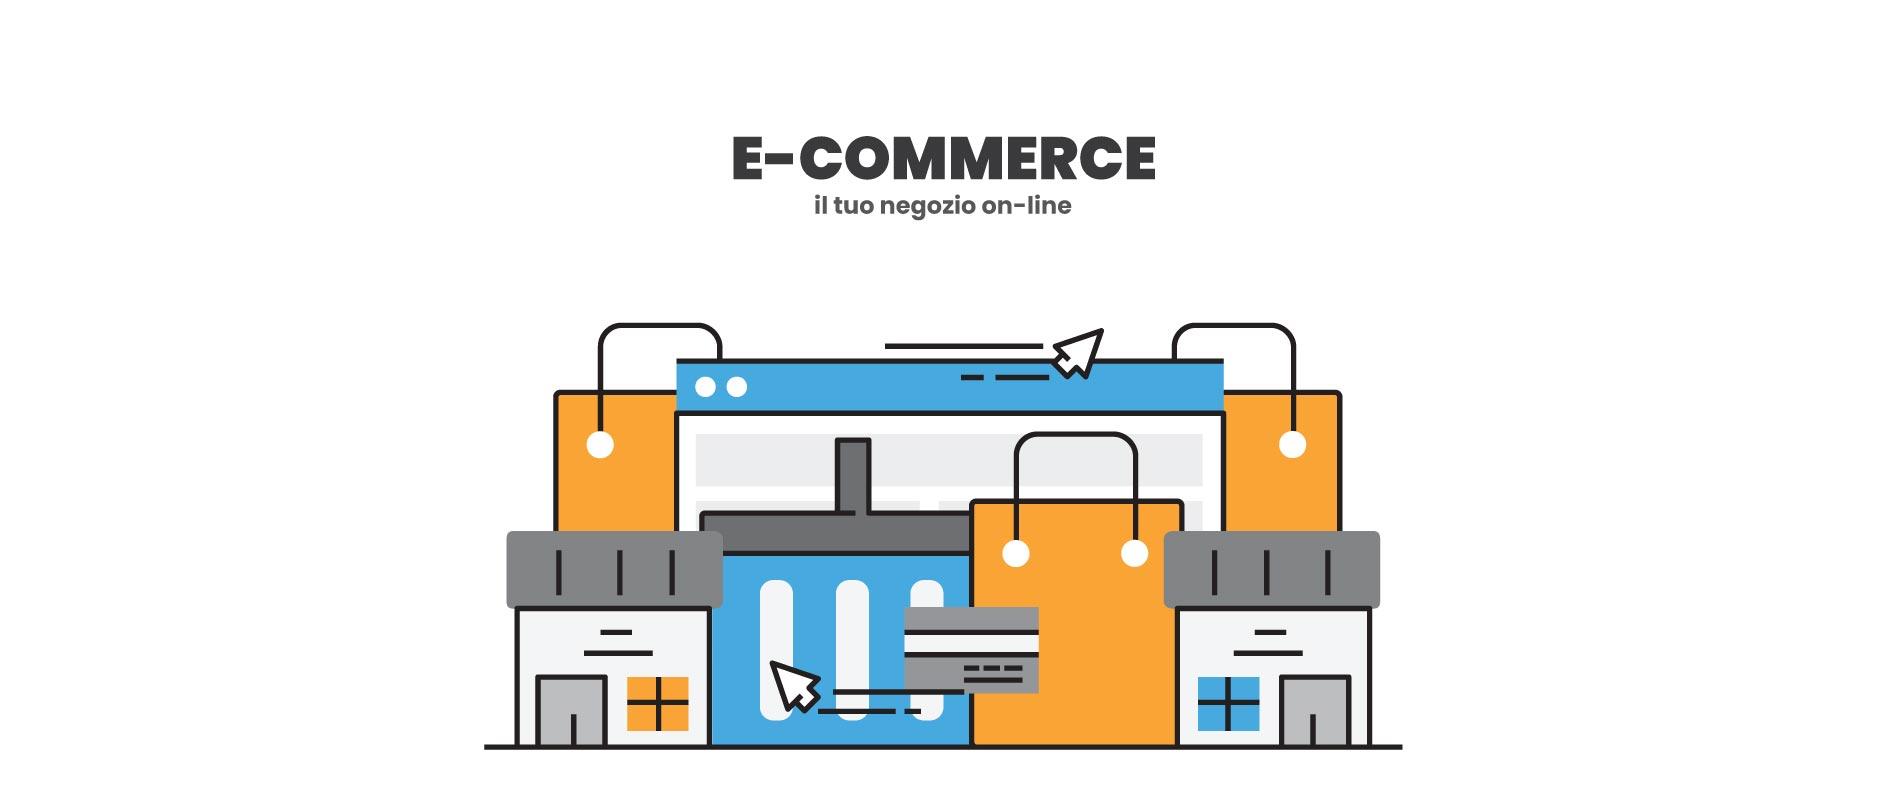 agenzia specializzata in realizzazione di e-commerce torino